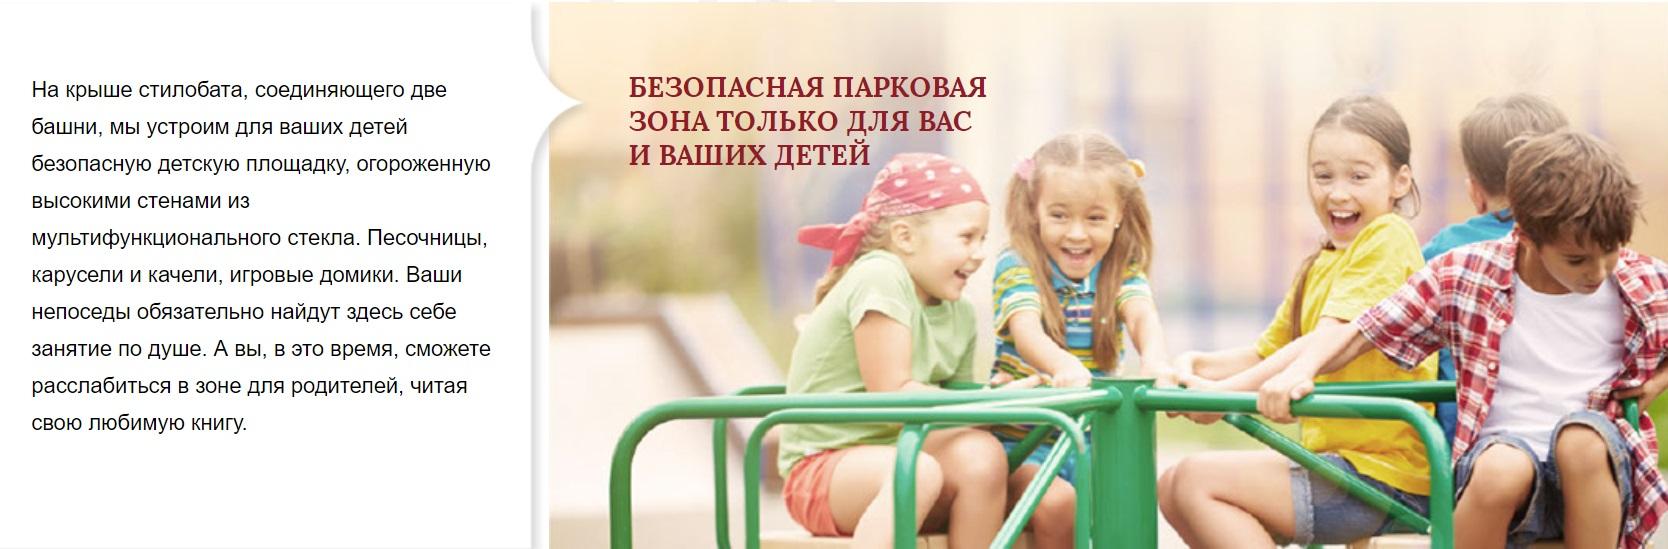 Детская площадка Невельской